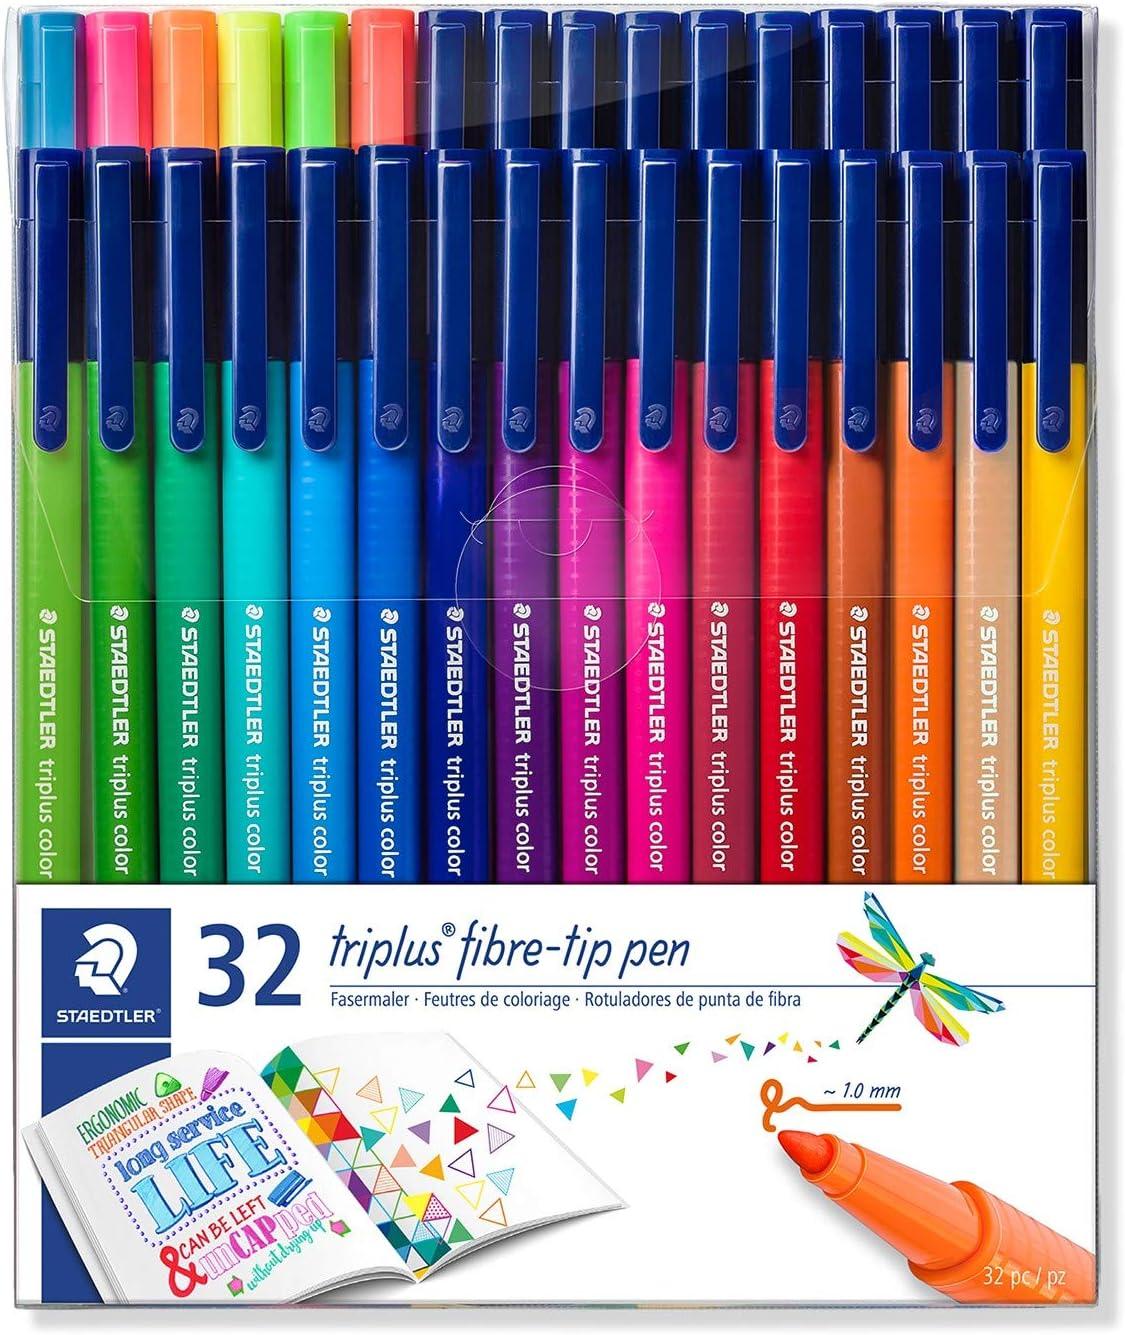 Staedtler Triplus Colour - Estuche con rotuladores de punta de fibra, color Assorted Pack of 32: Amazon.es: Oficina y papelería